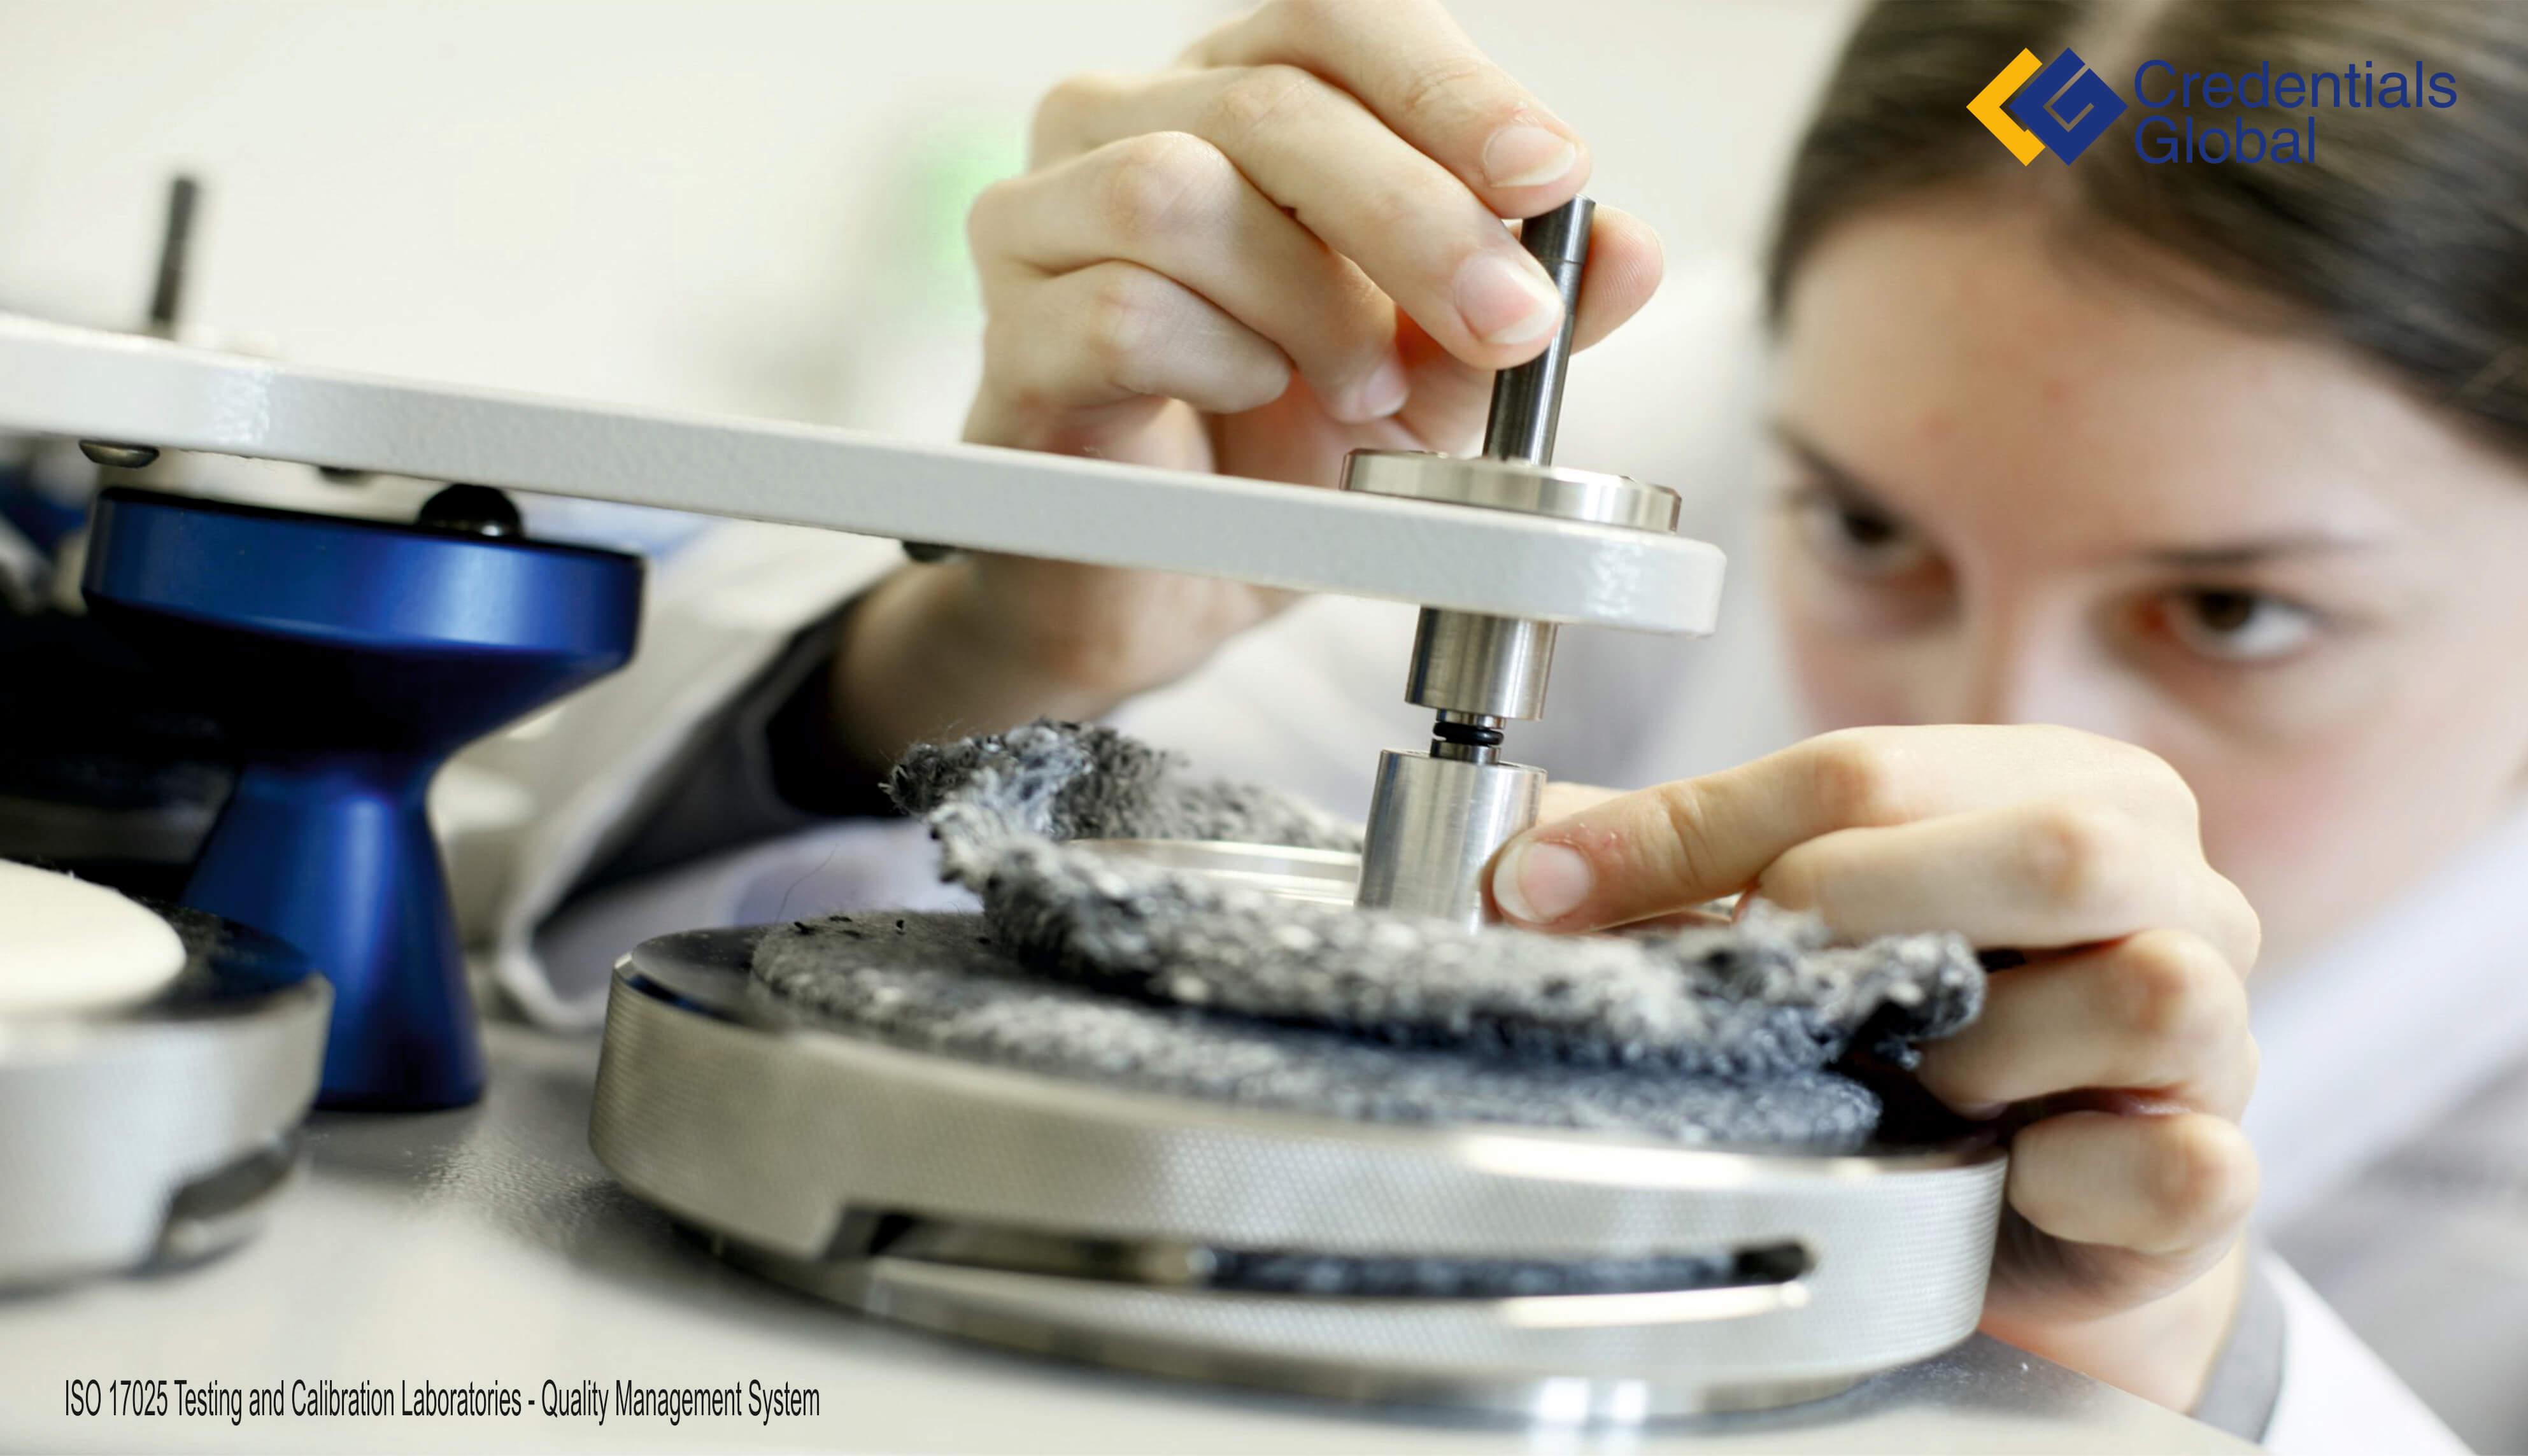 ISO/IEC 17025 - Management de la Qualité : Systèmes de Management des Laboratoires - Lead Assessor -